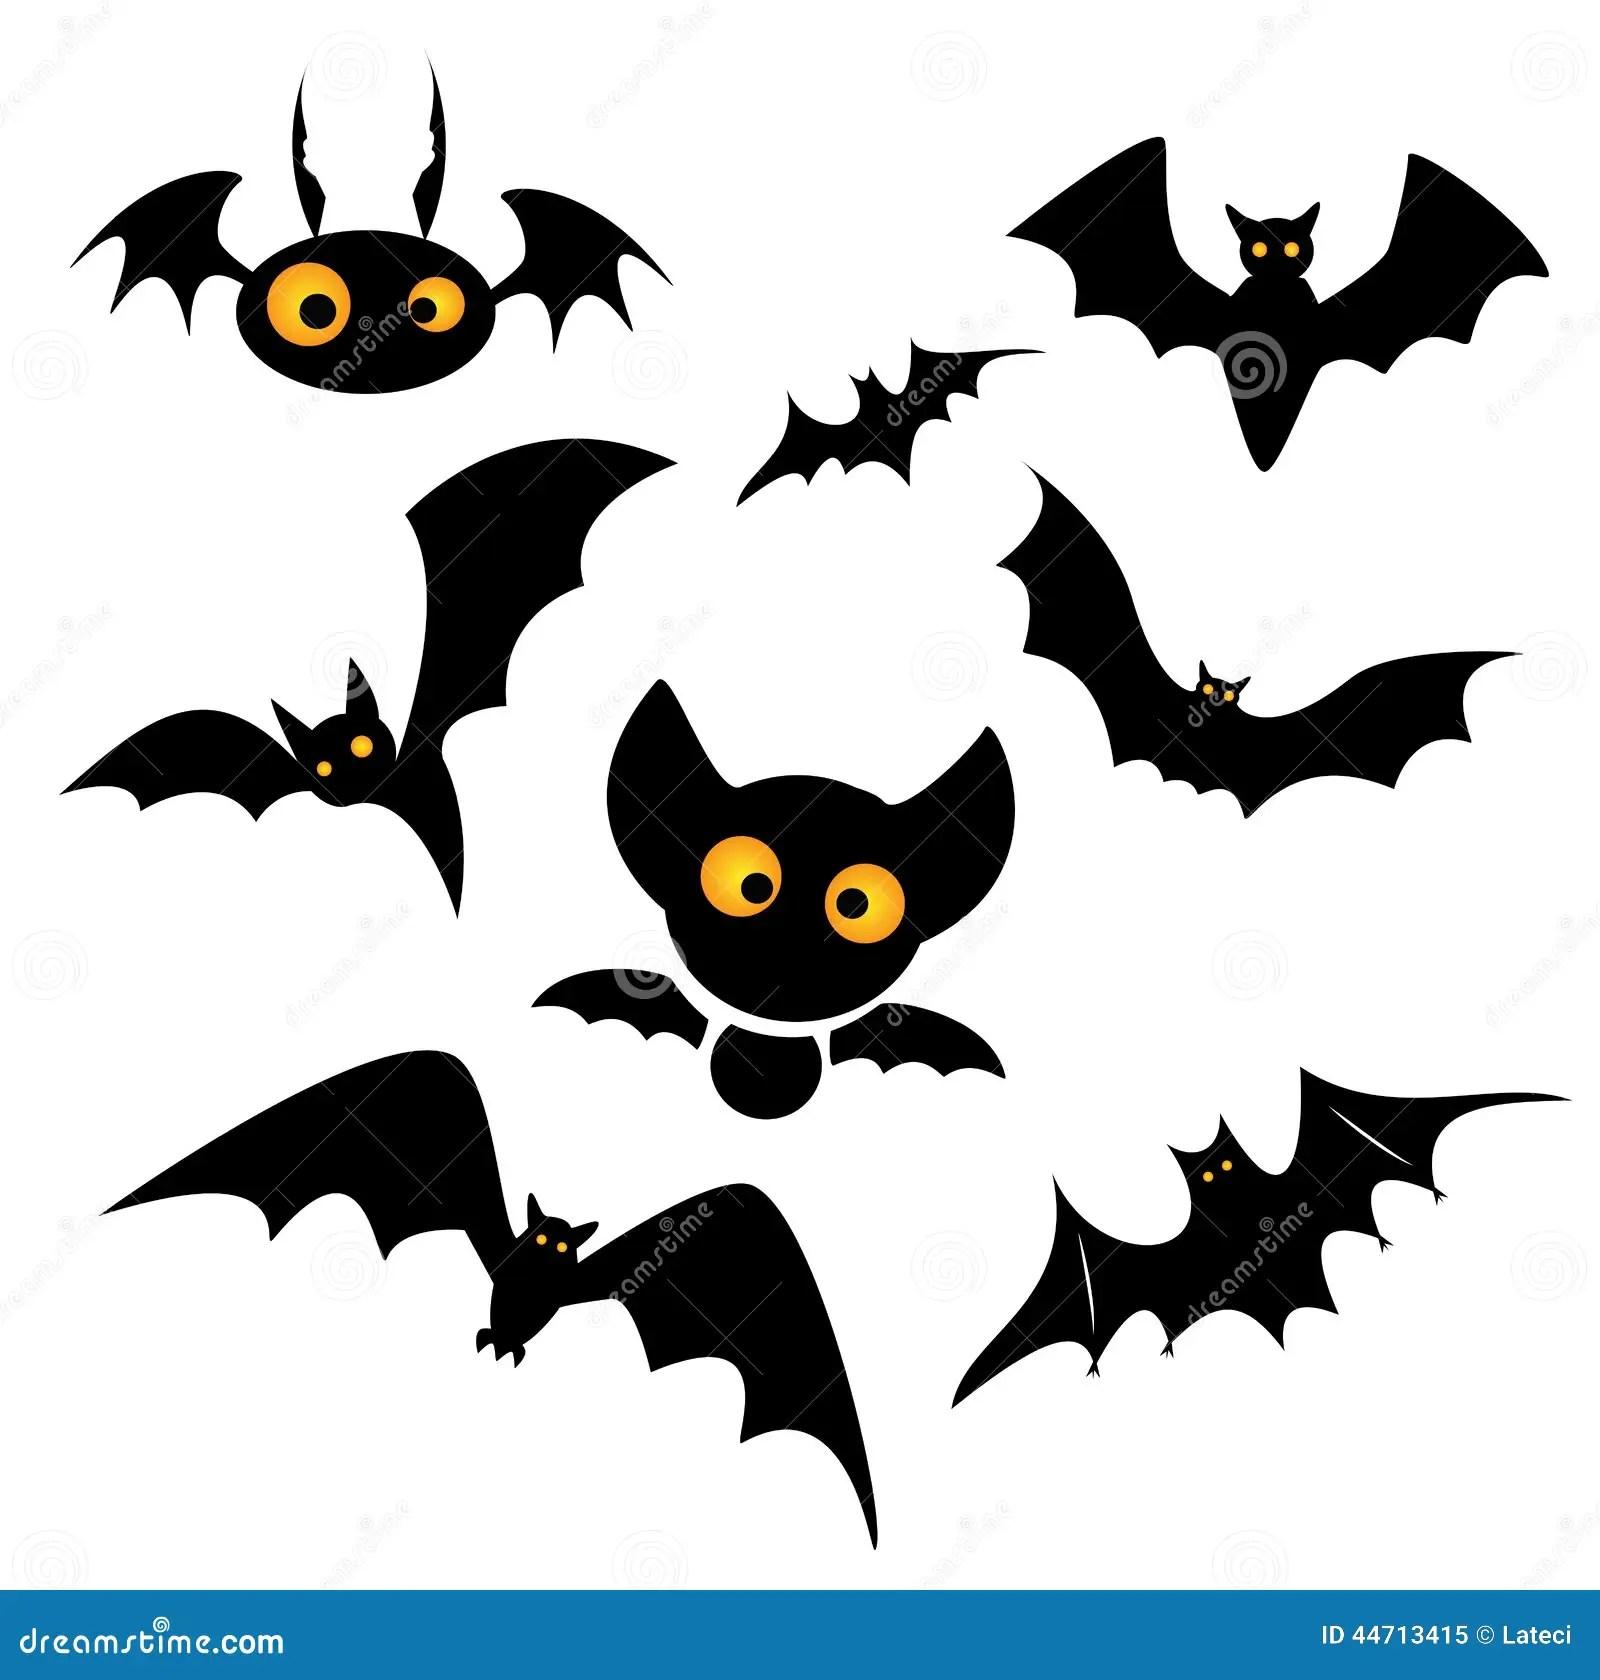 hight resolution of halloween bat clip art illustration